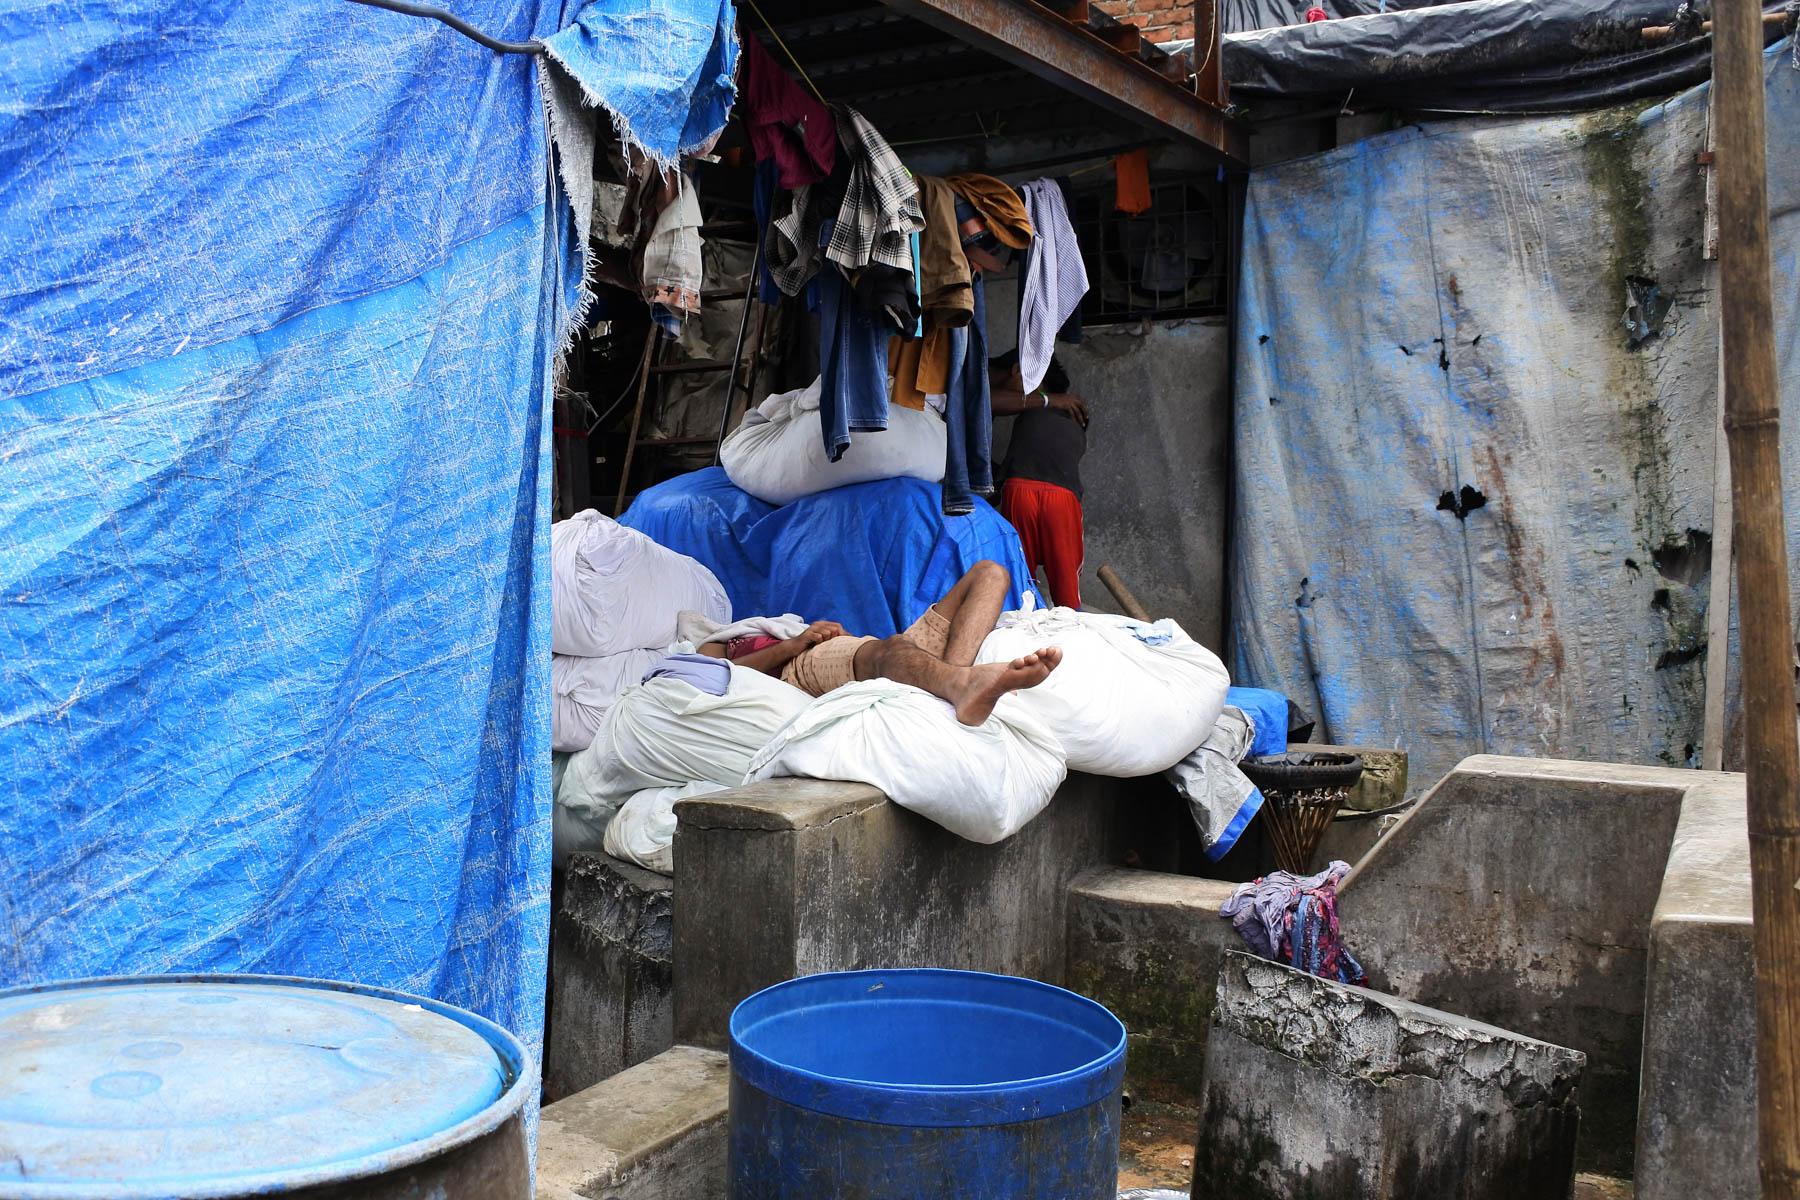 ムンバイ 巨大洗濯工場 ドービーガート 埋もれて寝ている人